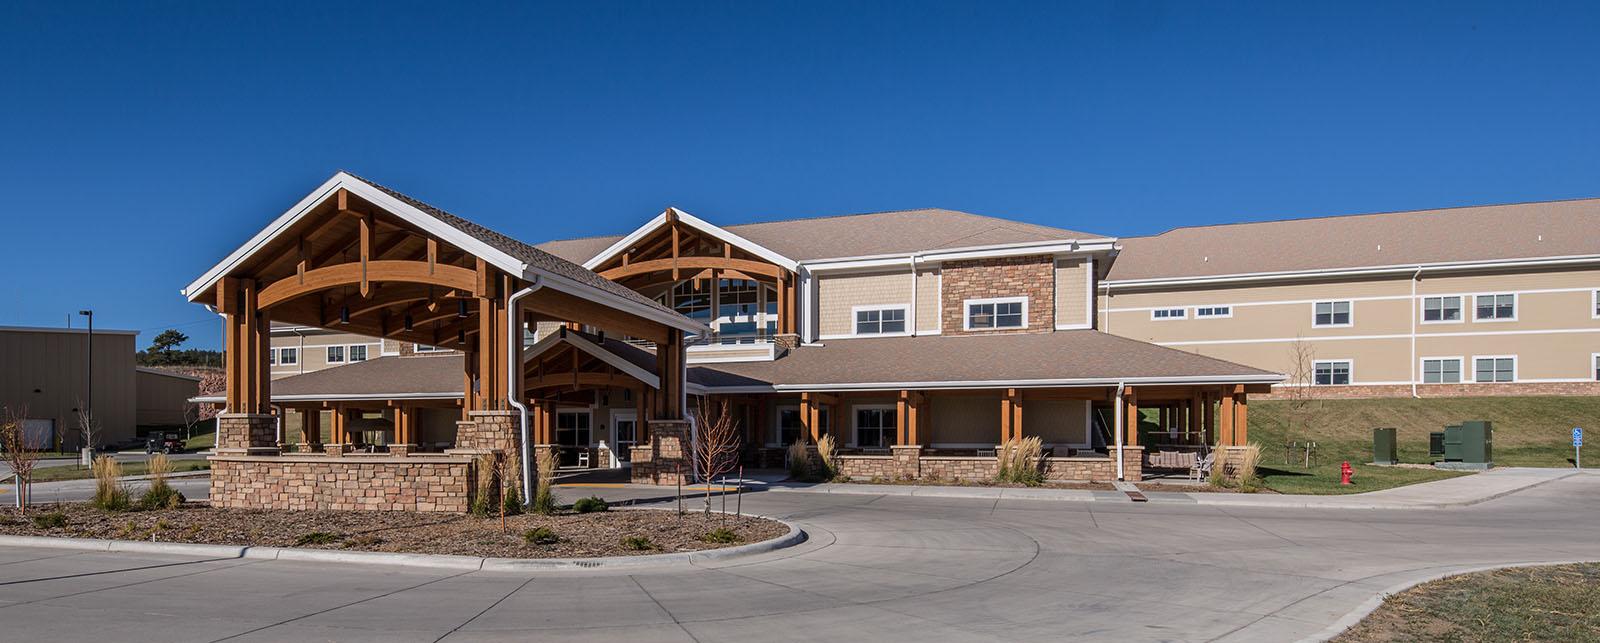 Nursing Homes In Hot Springs S D